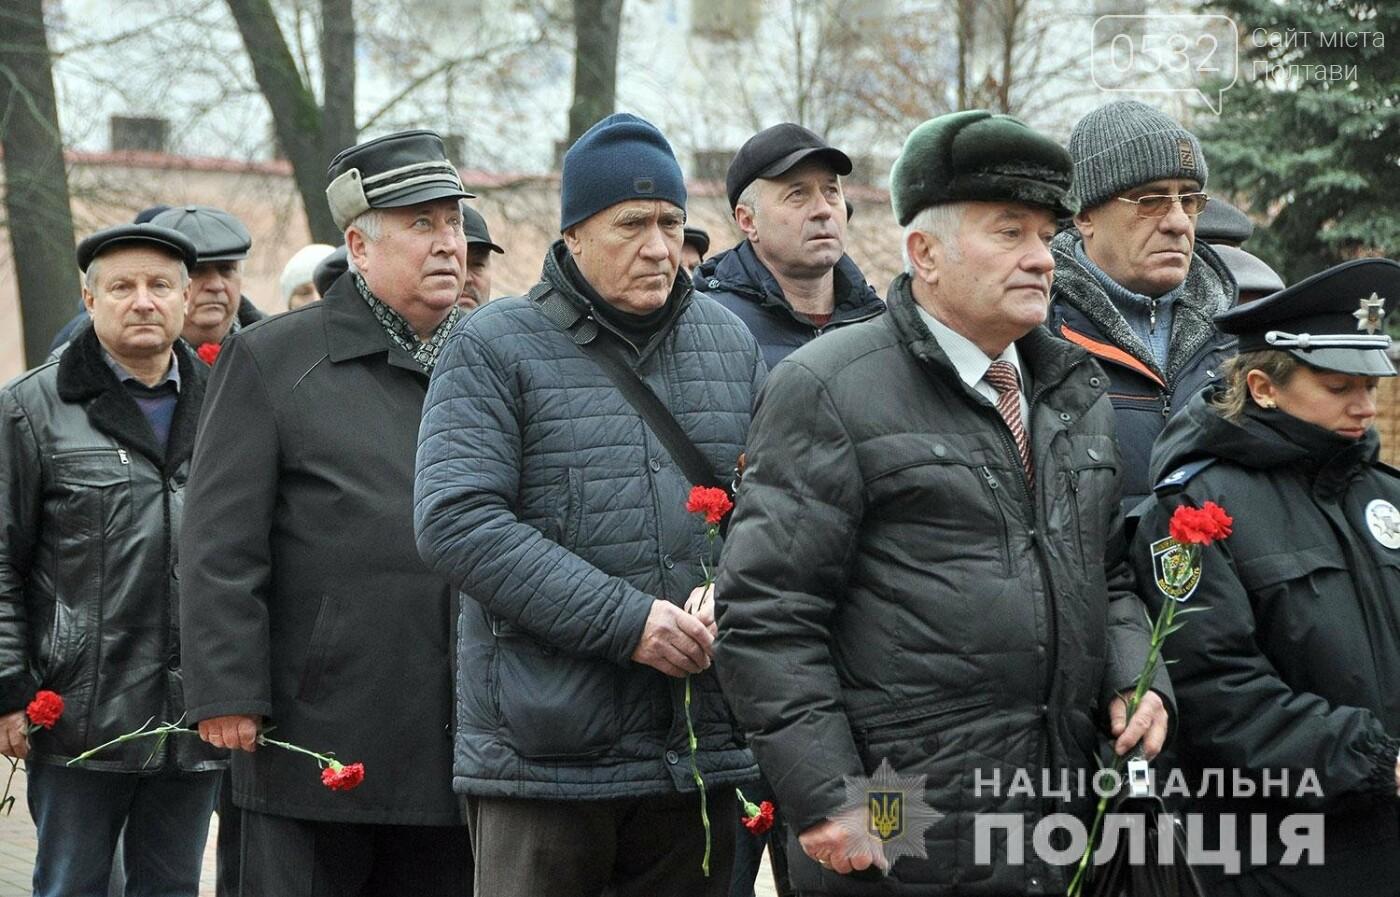 Поліція Полтавщини вшанувала пам'ять учасників ліквідації наслідків аварії на ЧАЕС, фото-3